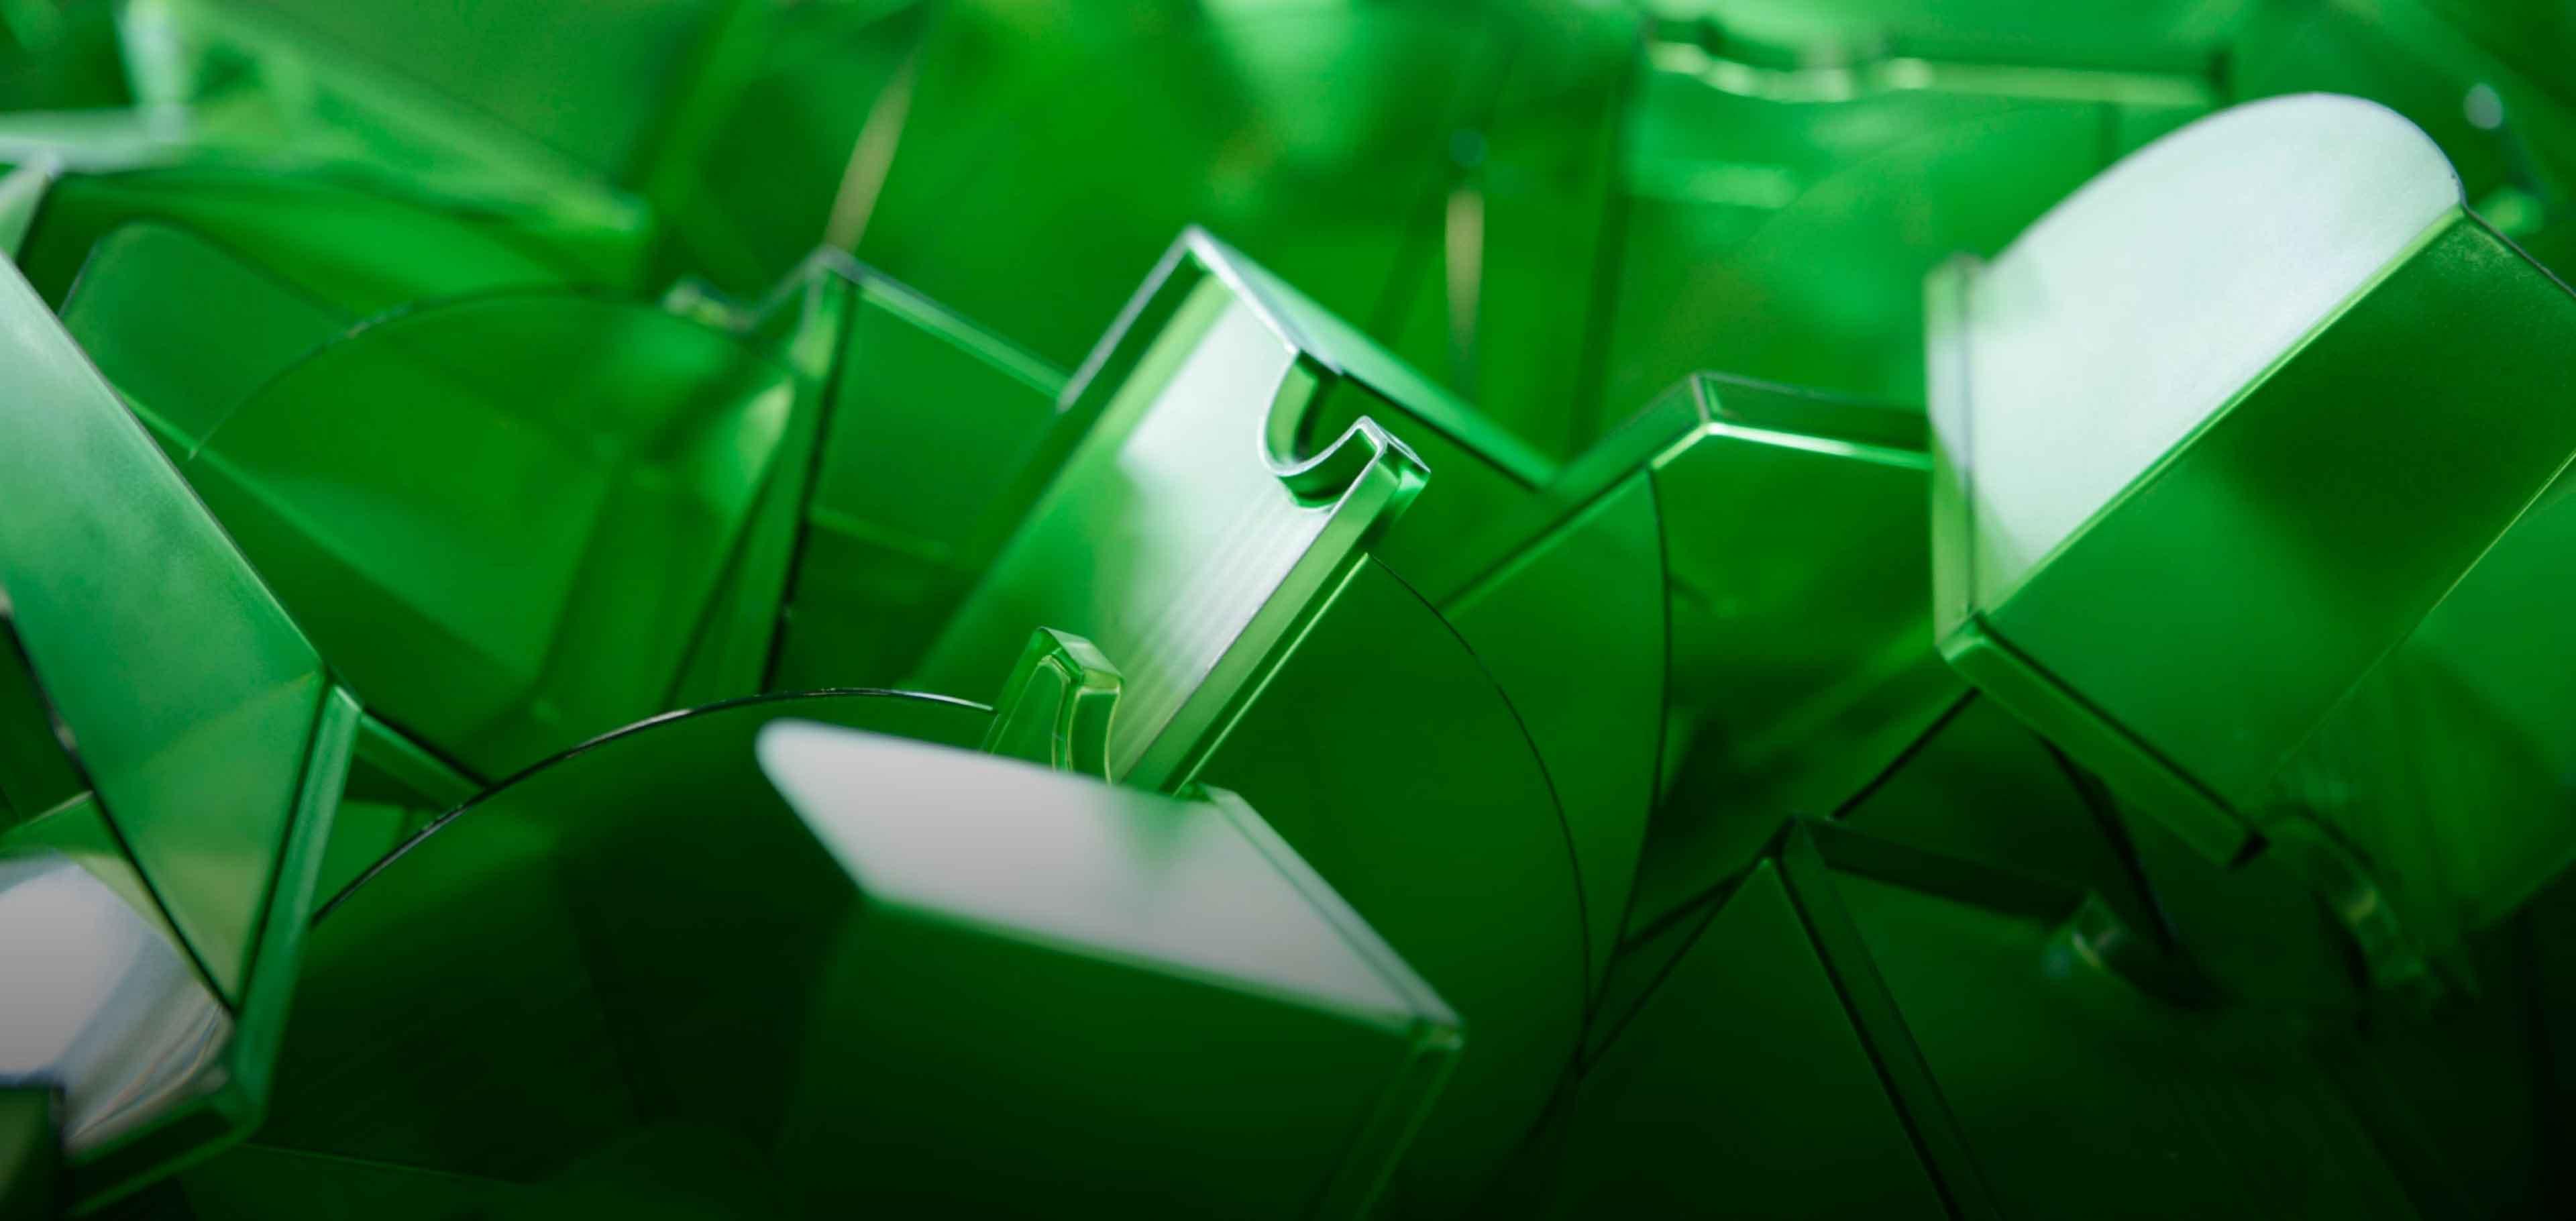 Westo Kunststofftechnik Nachhaltigkeit